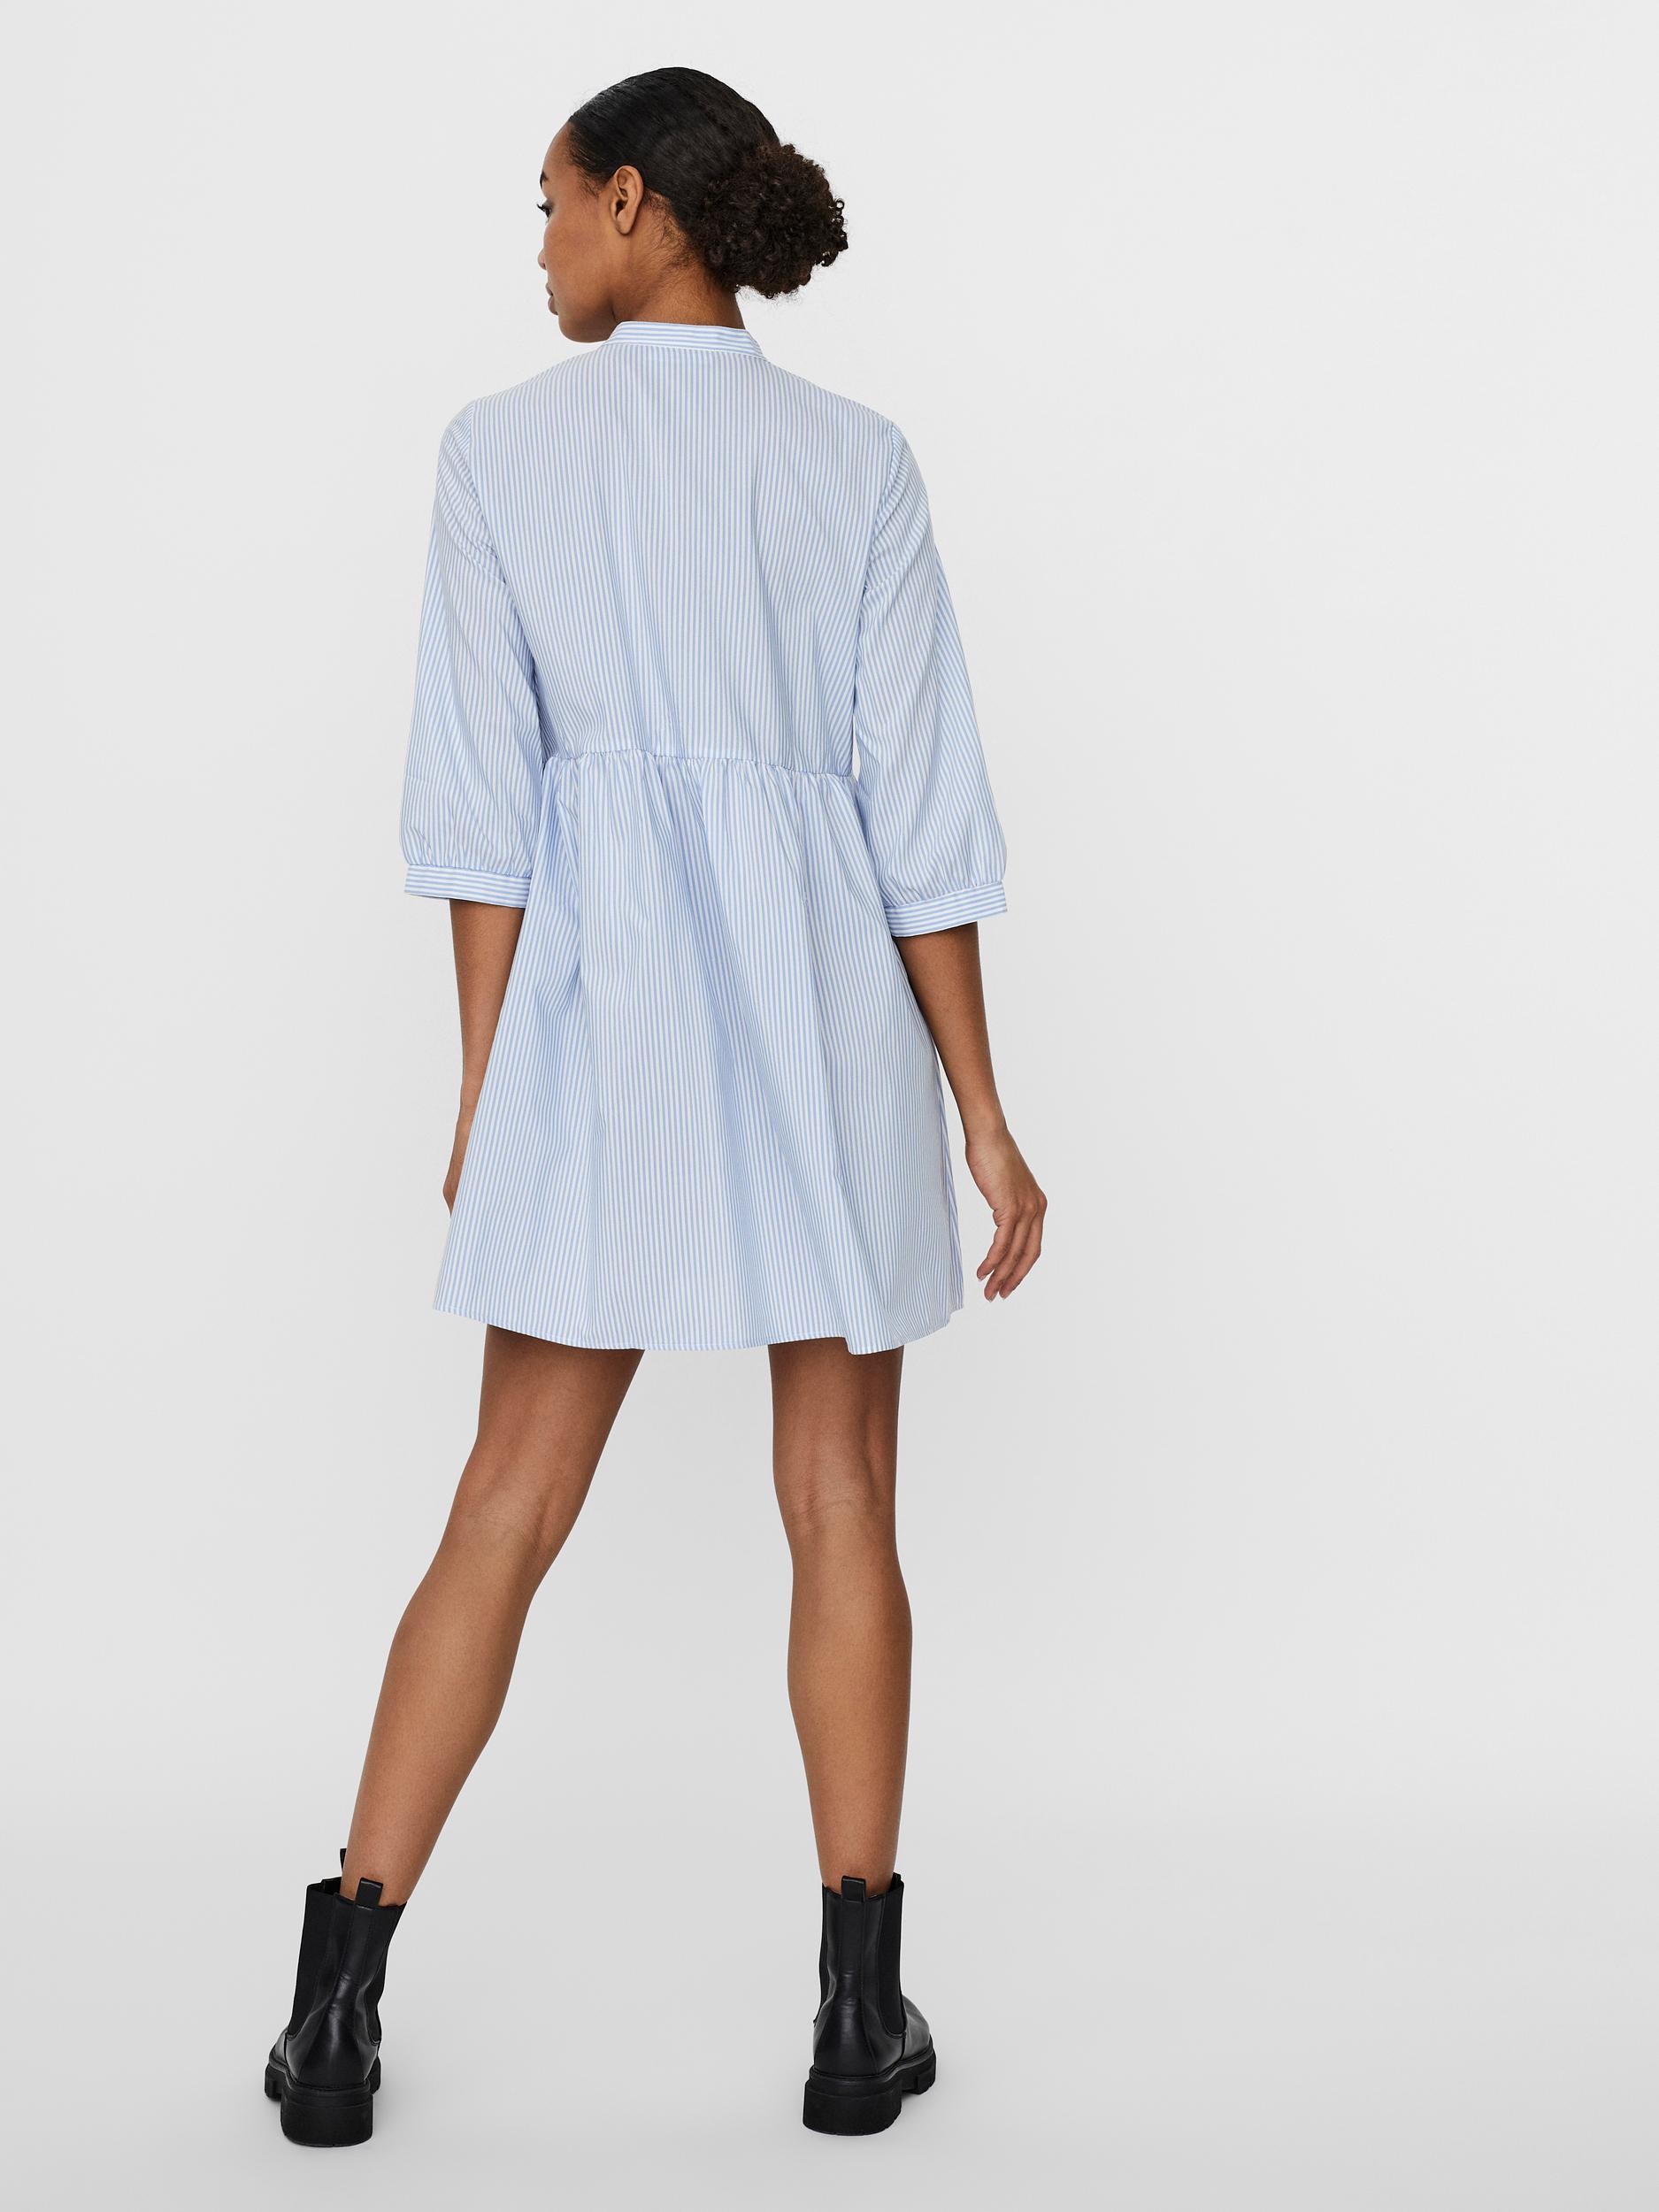 Vero Moda Sisi kjole, snow white/blue stripe, small